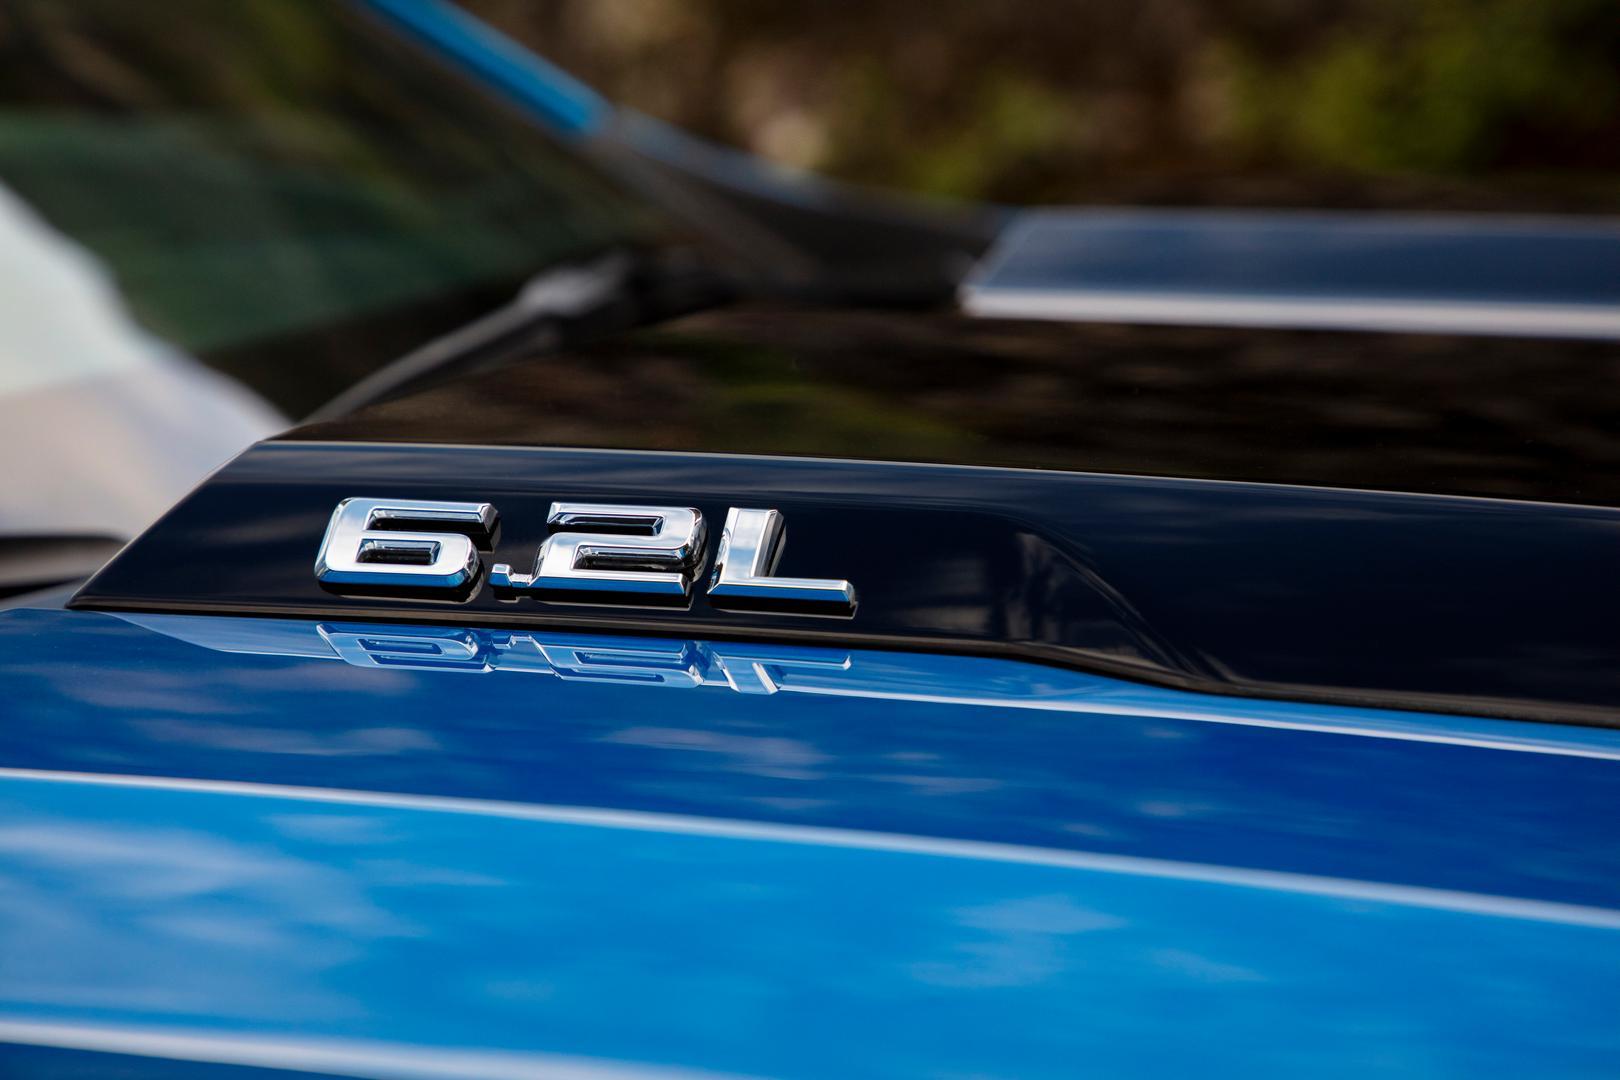 6.2L V8 Chevy